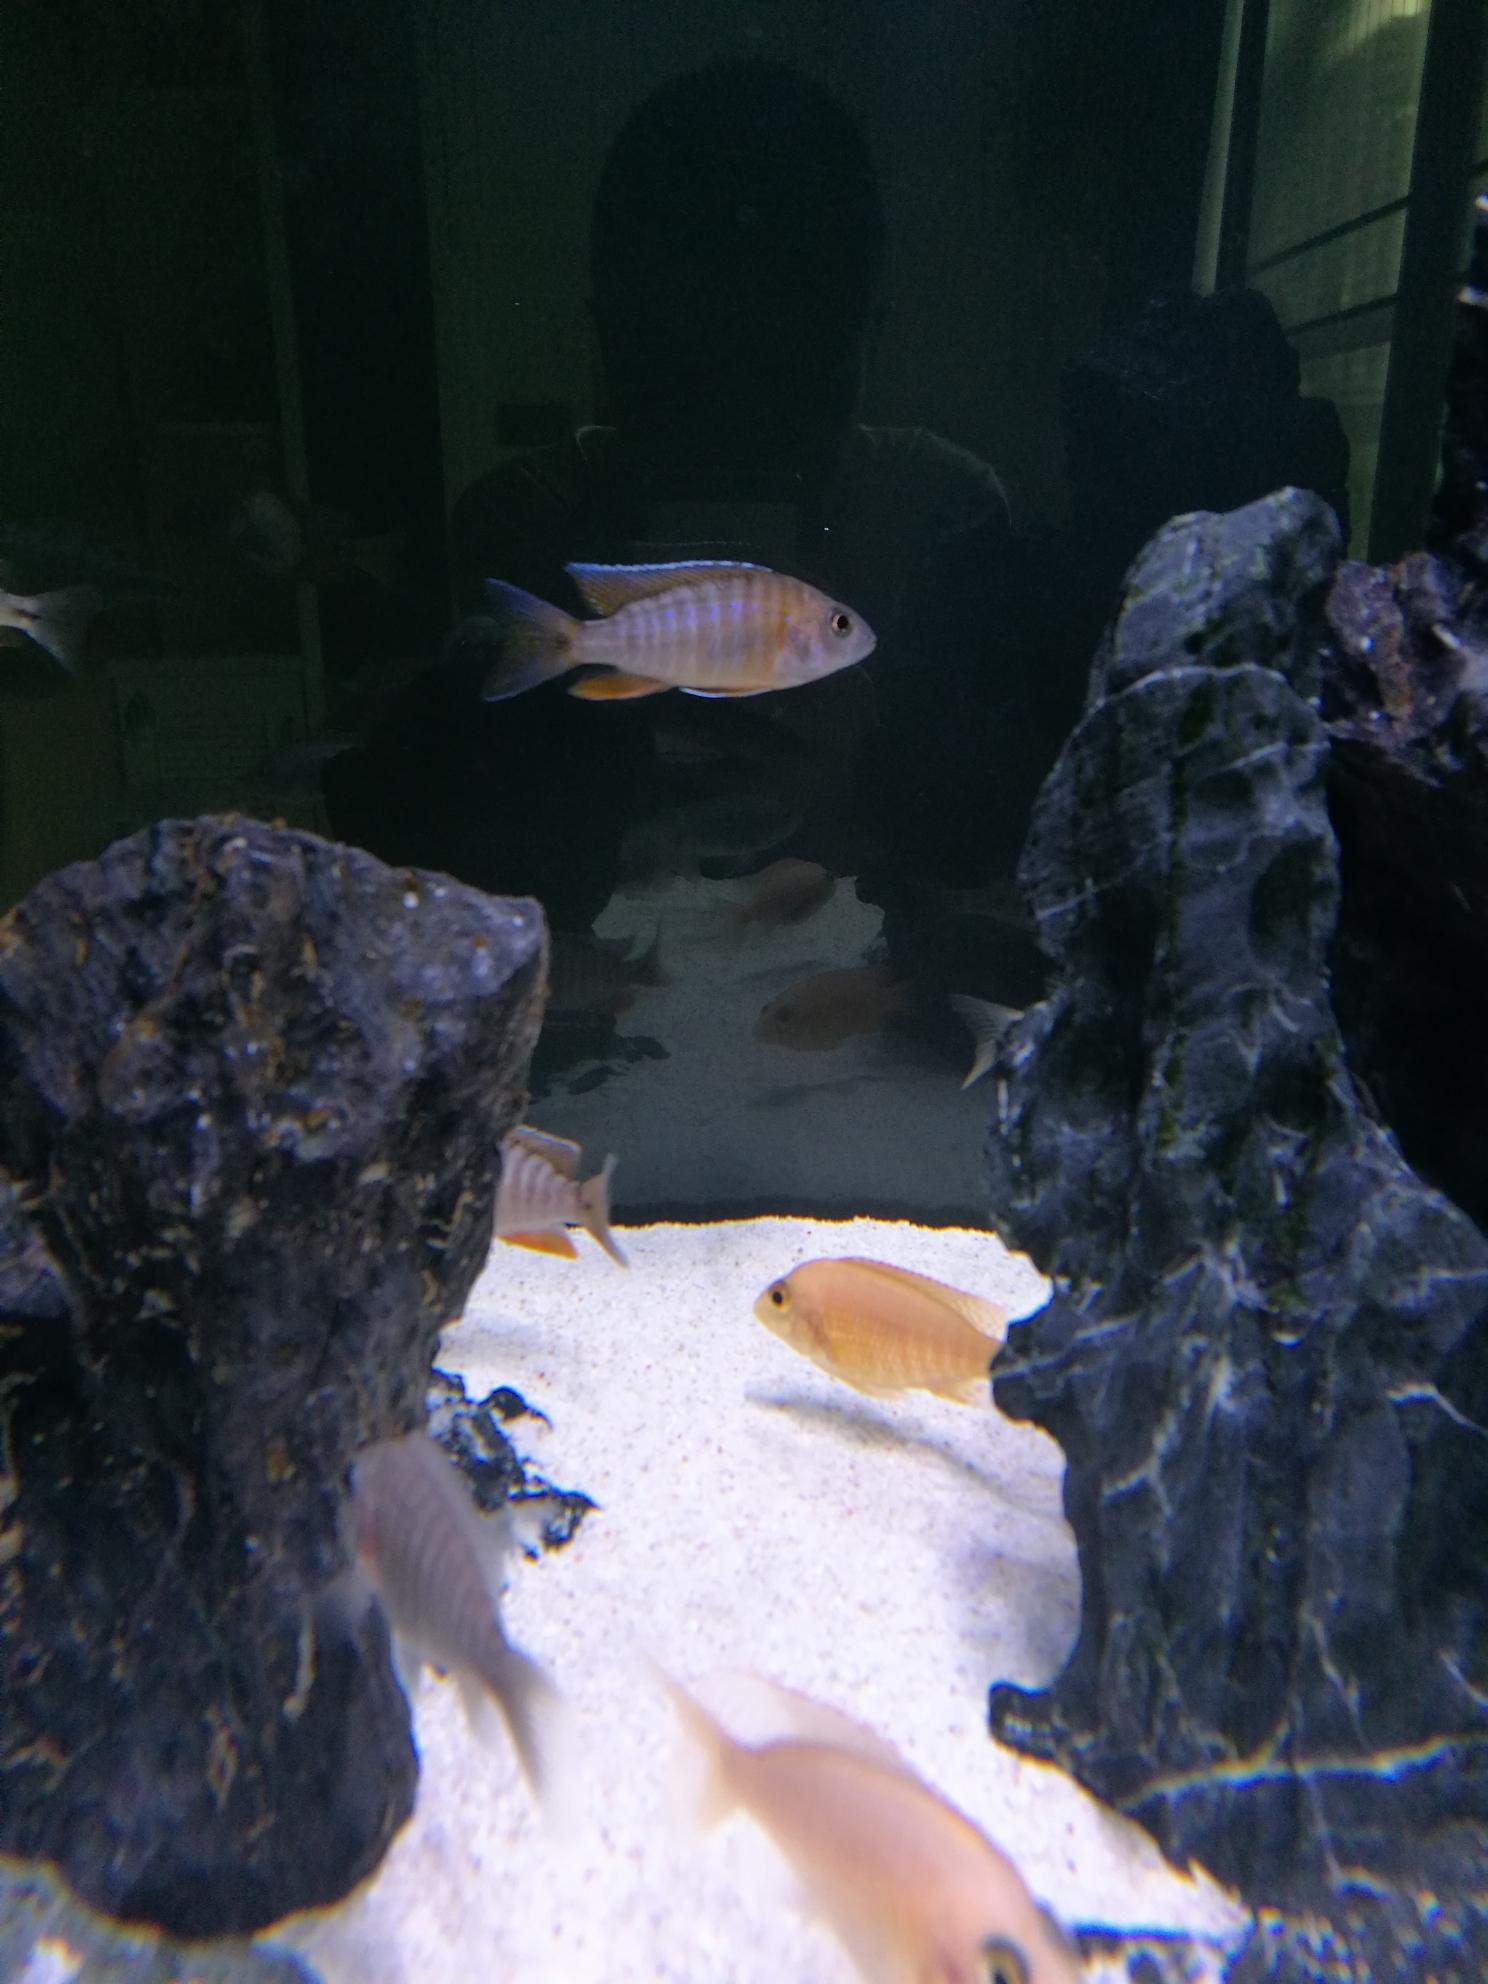 红珊瑚成长记三湖慈鲷 绵阳水族批发市场 绵阳水族批发市场第14张